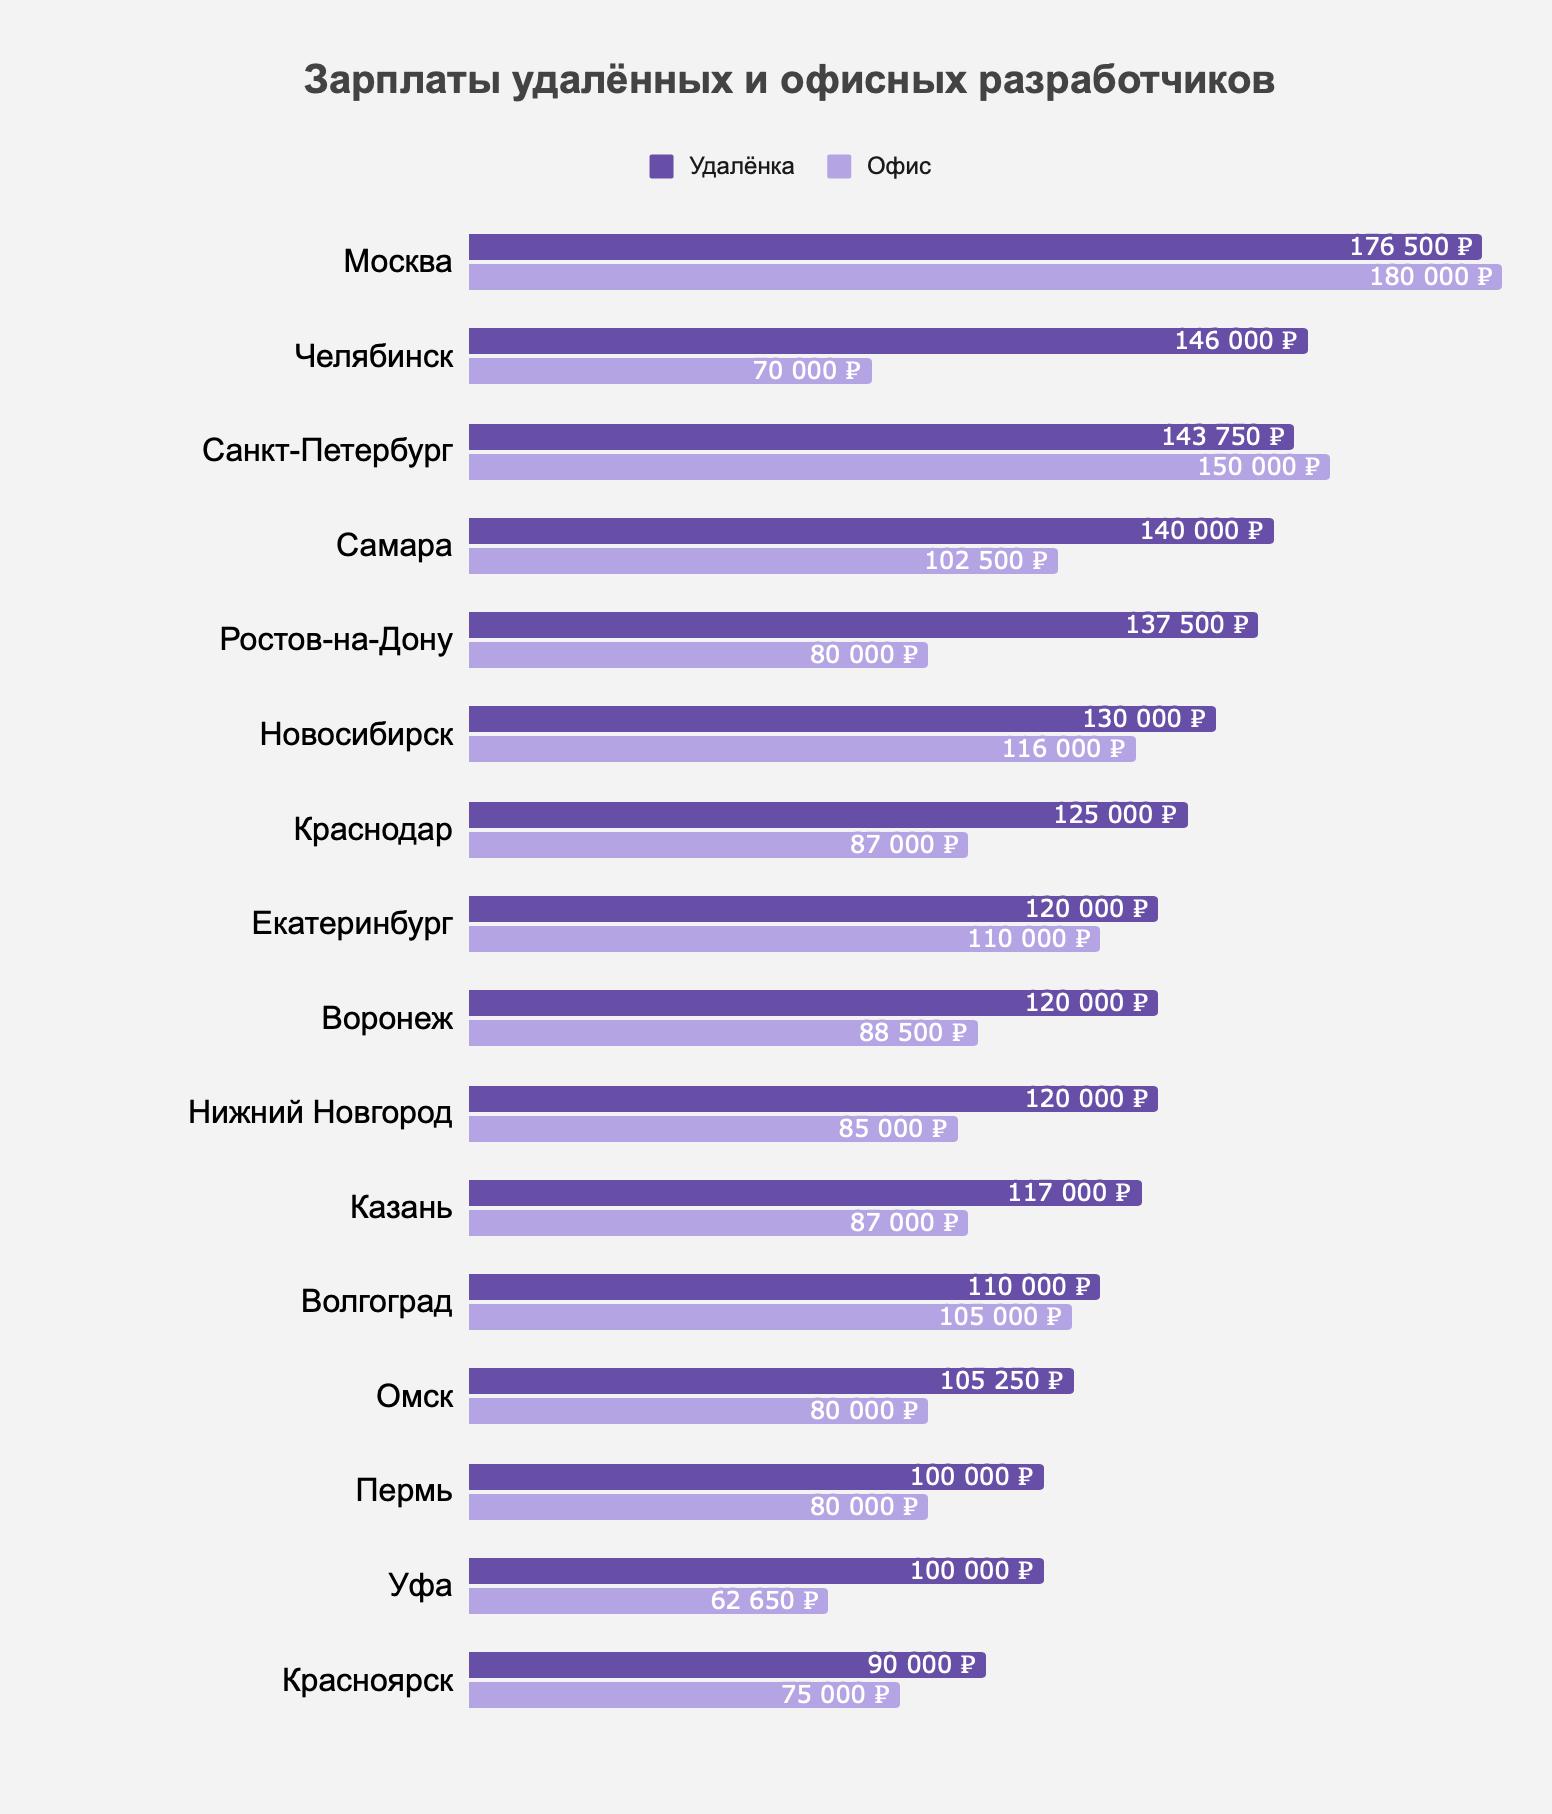 Зарплаты удалённых и офисных разработчиков в первом полугодии 2021 года